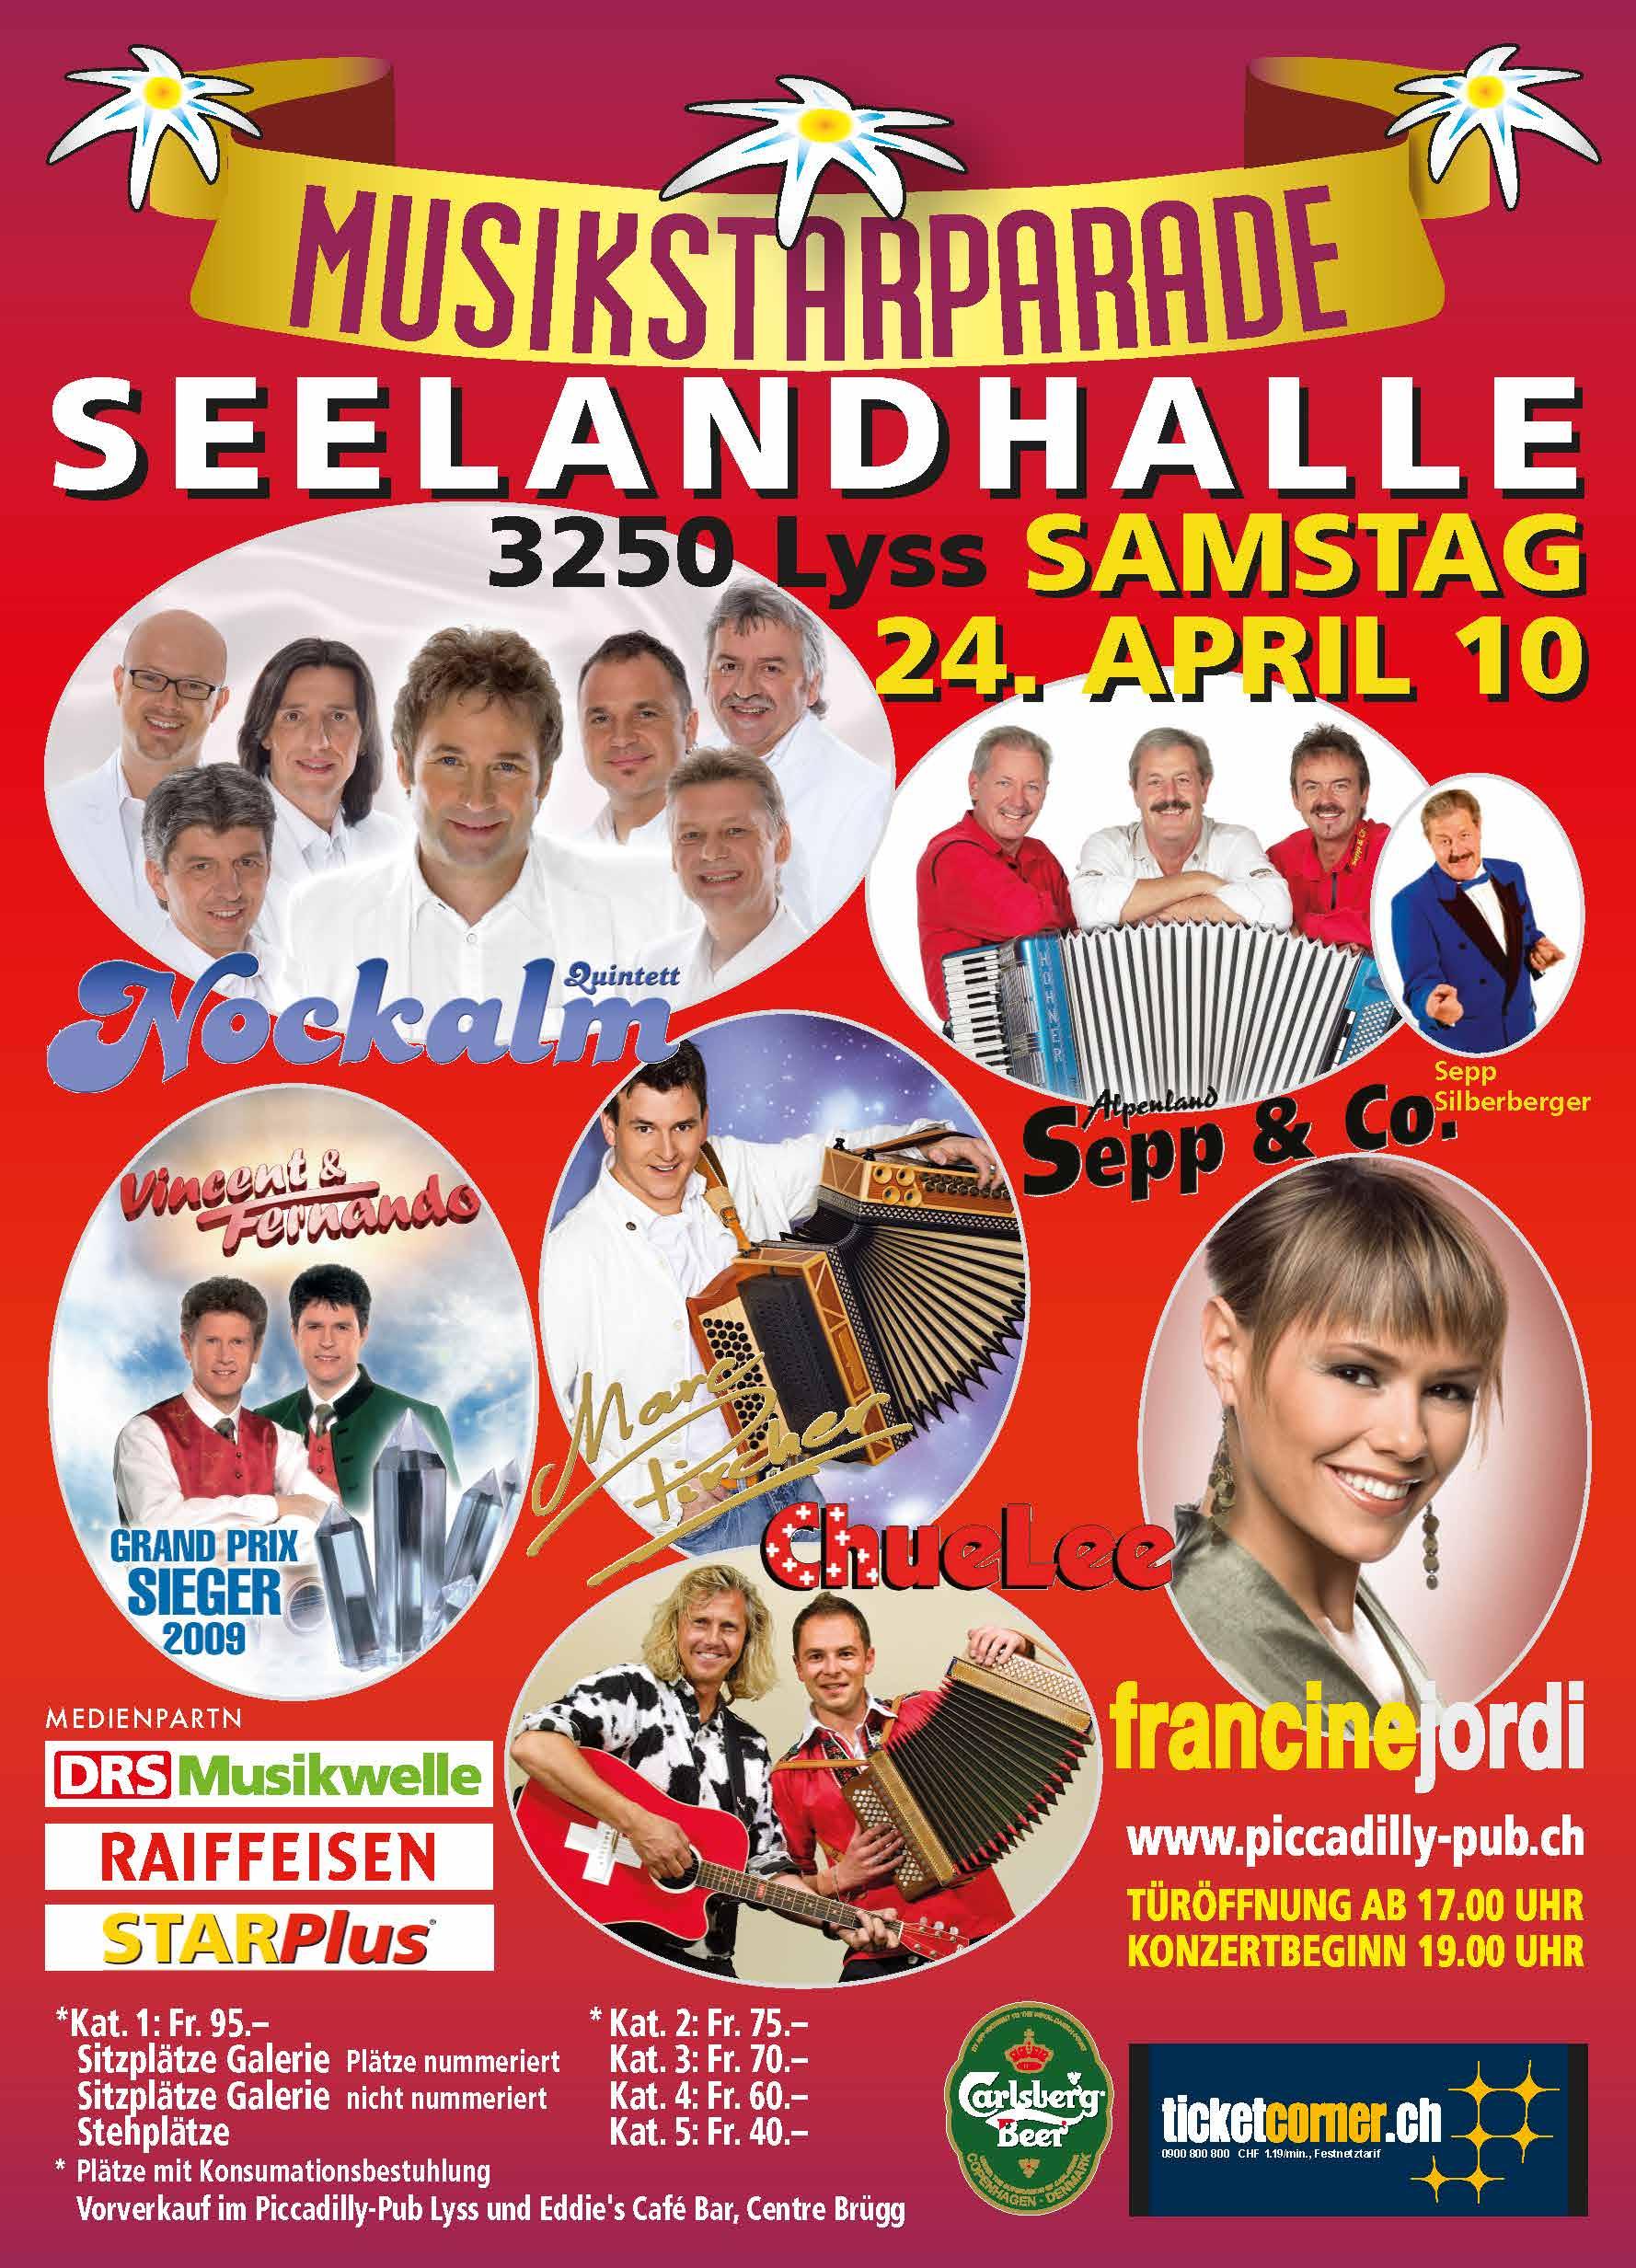 Musikstarparade_2010